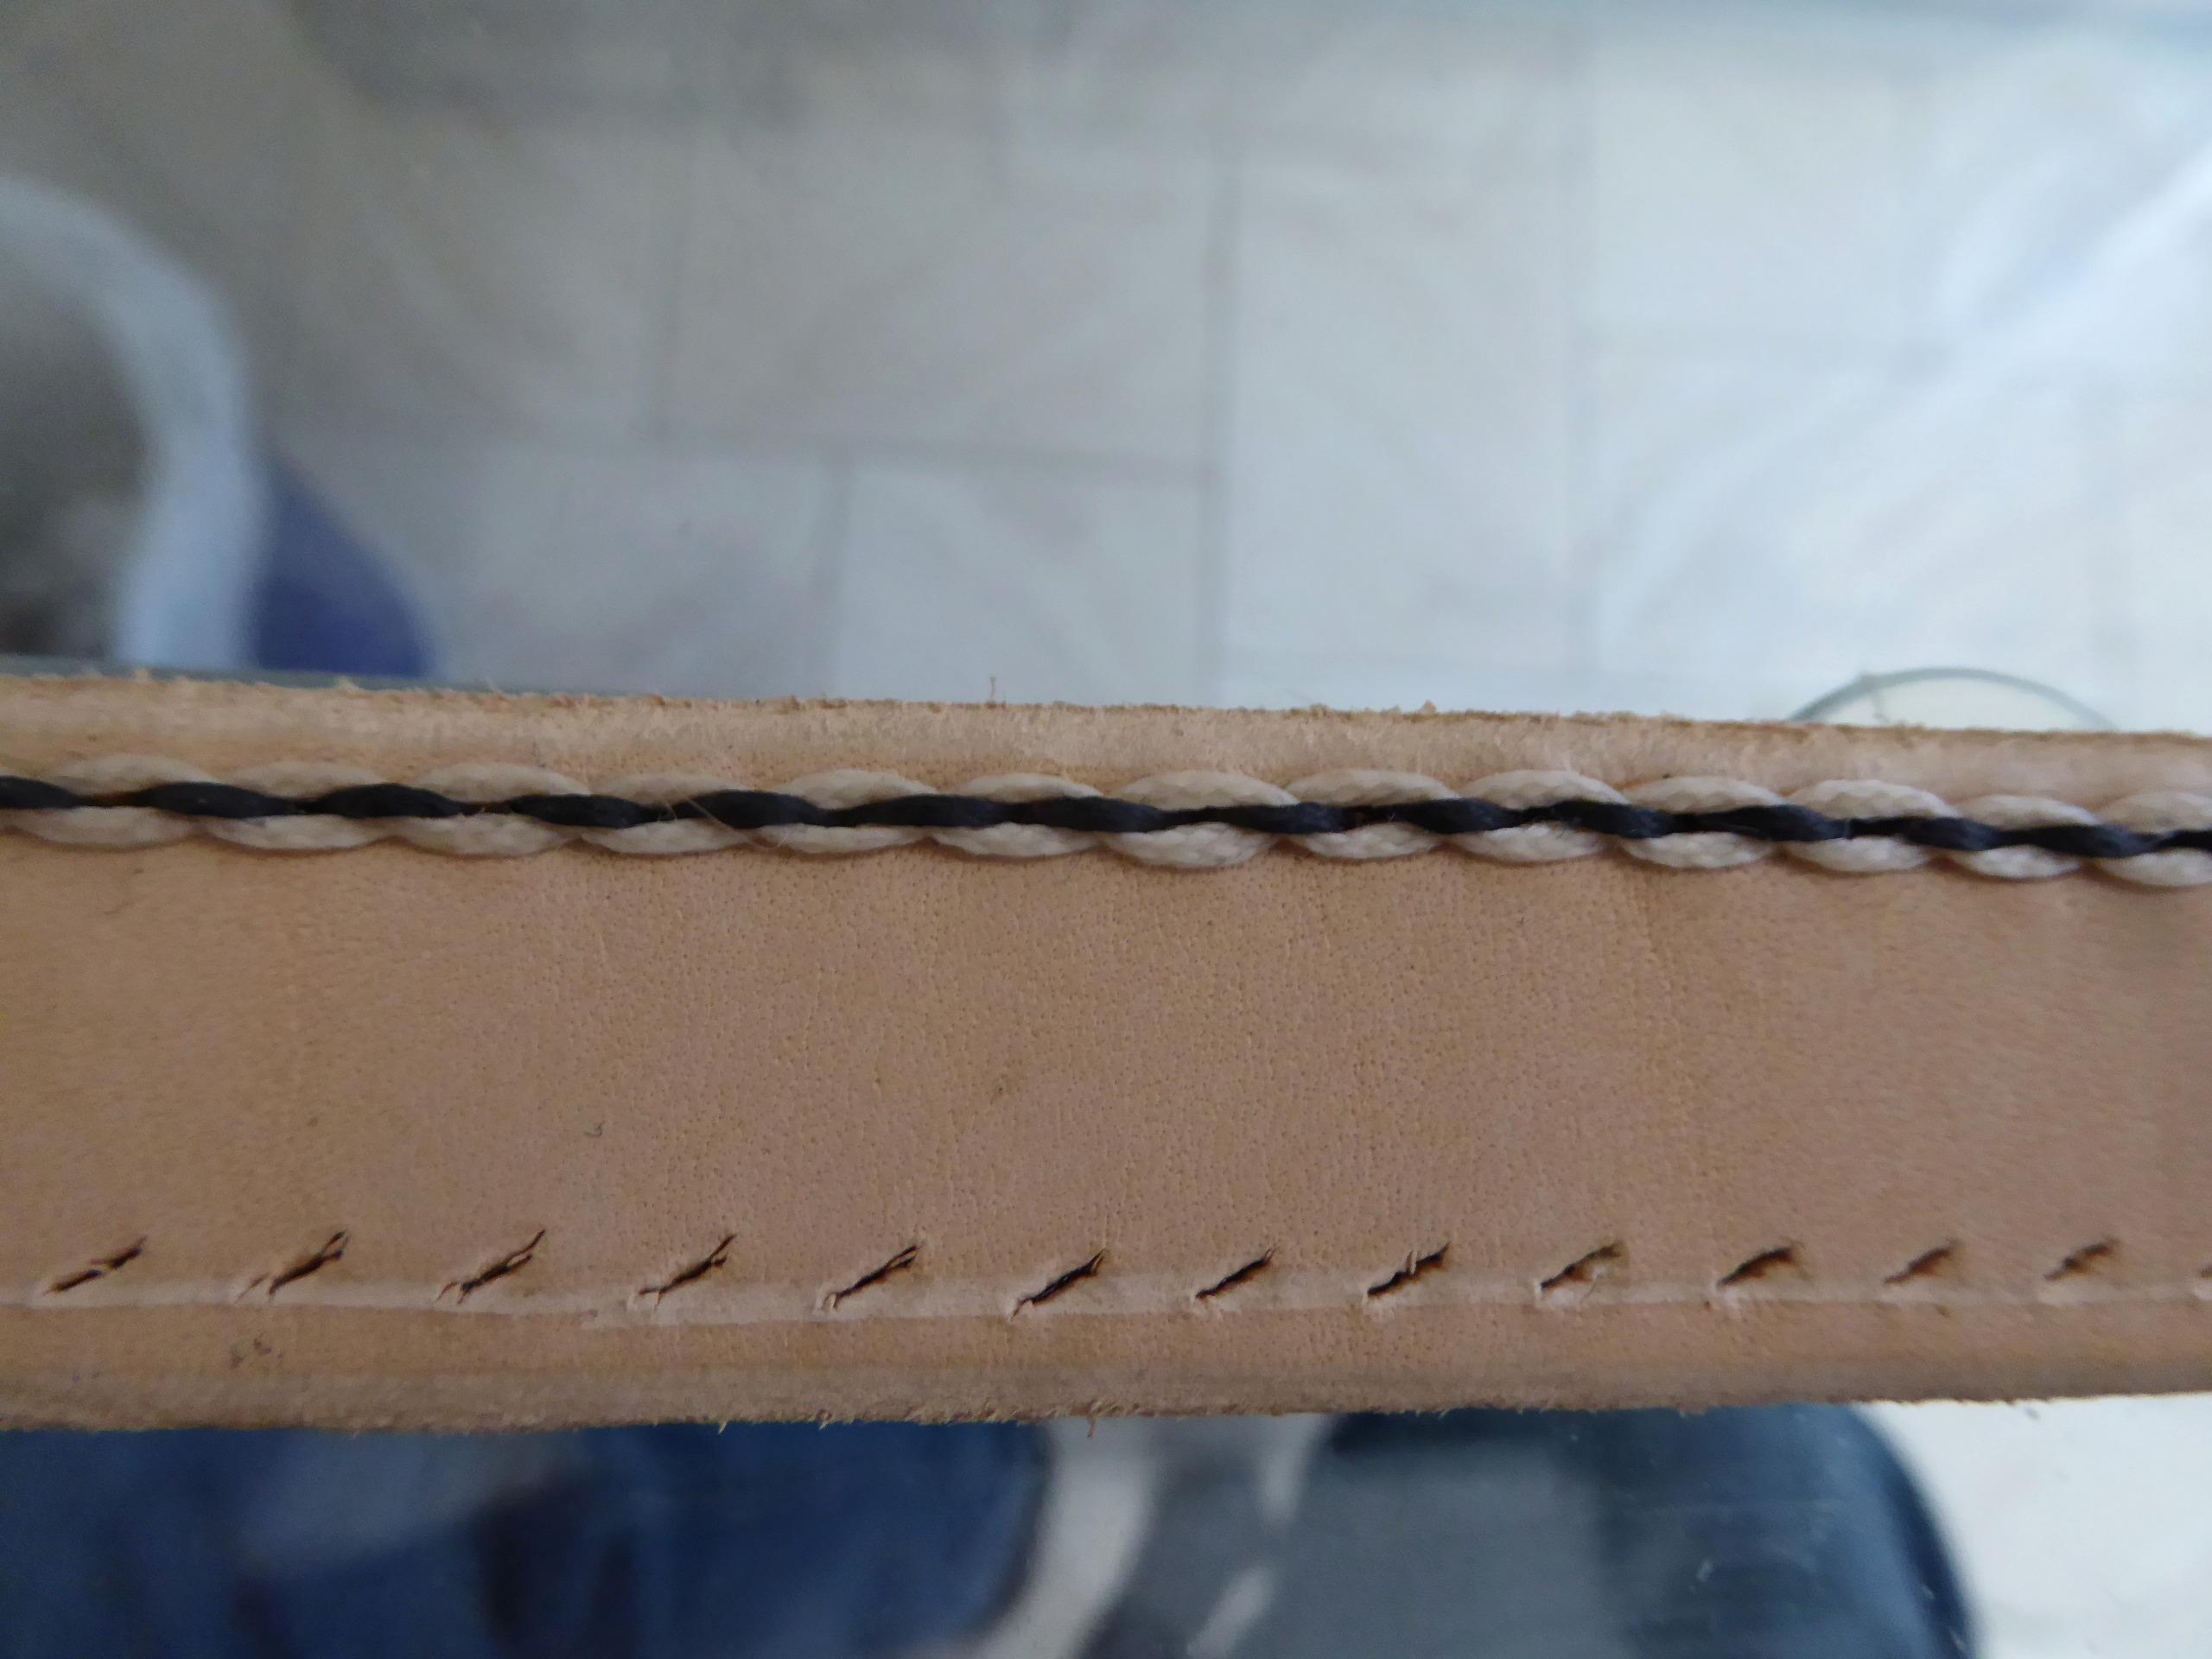 Etui pour couteau pliant en cuir moulé - Page 2 P1010820